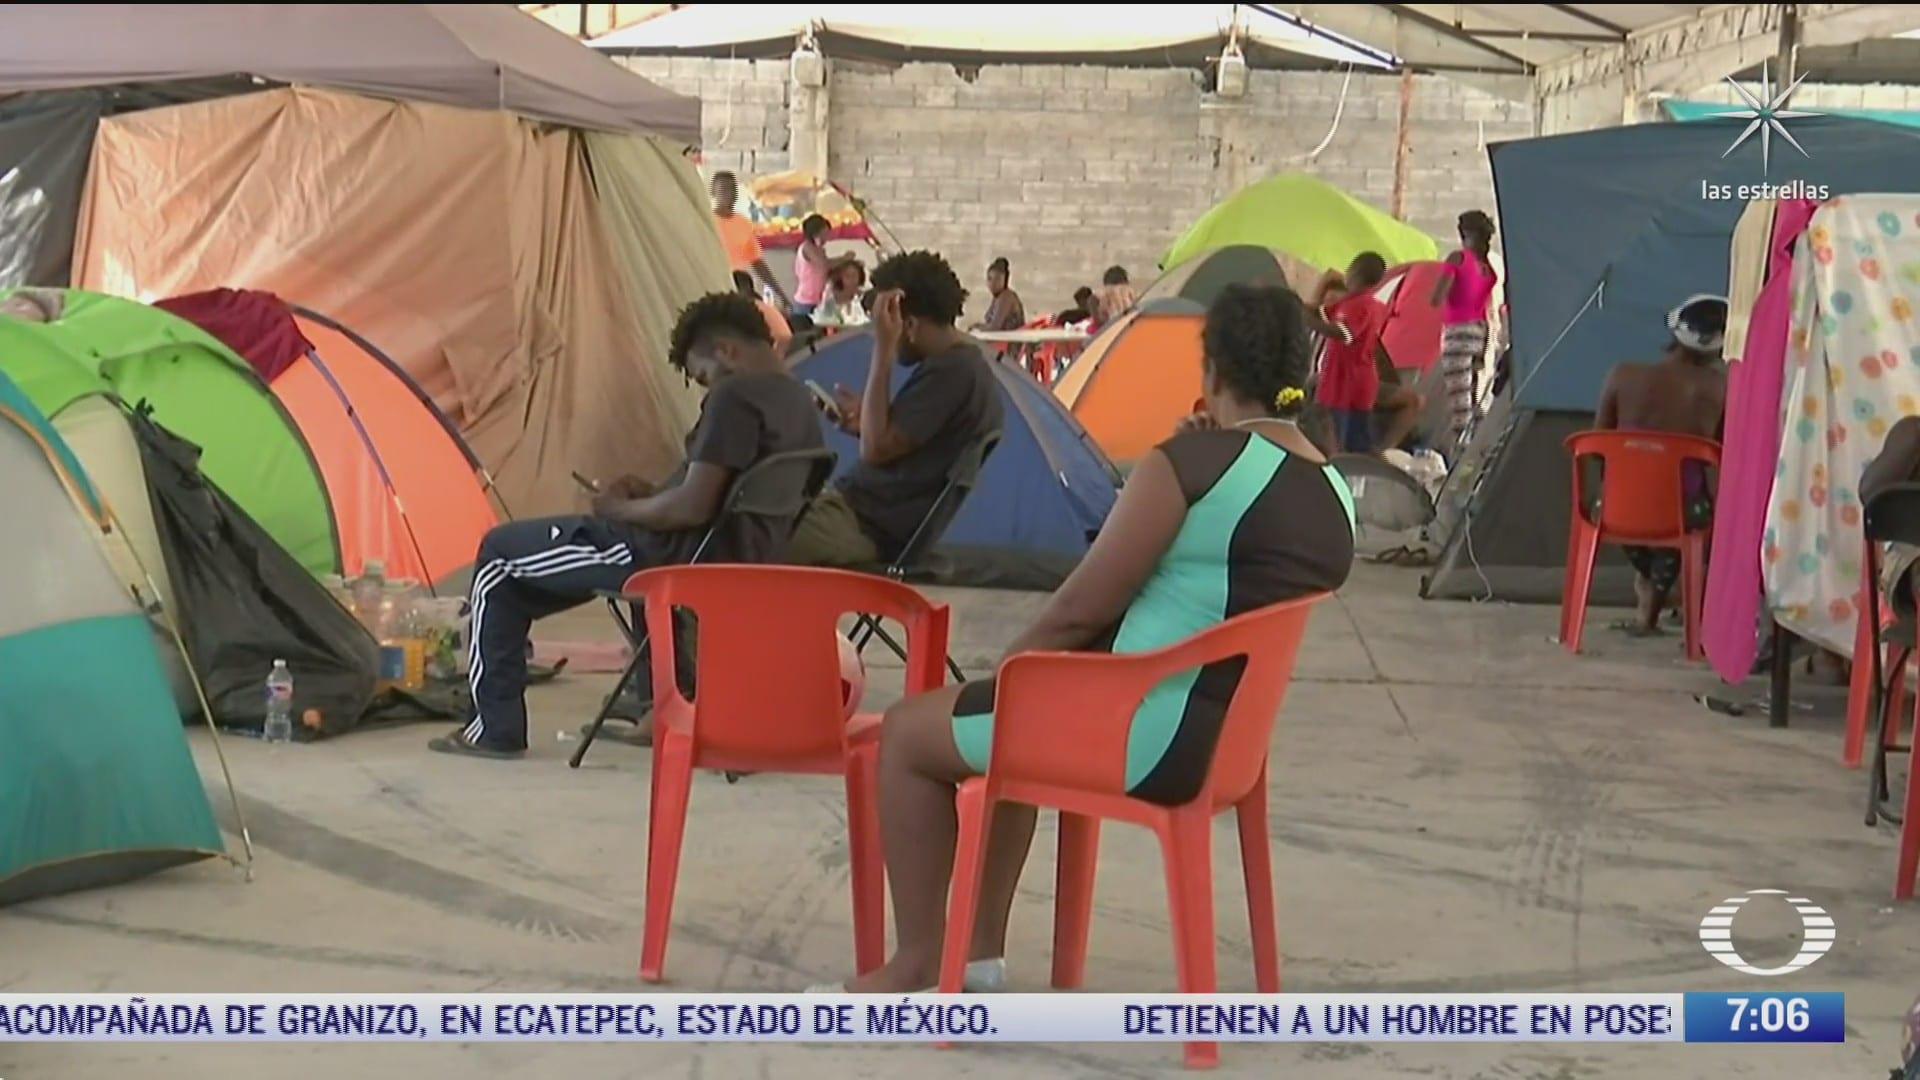 migrantes haitianos narran infierno que vivieron durante travesia a mexico